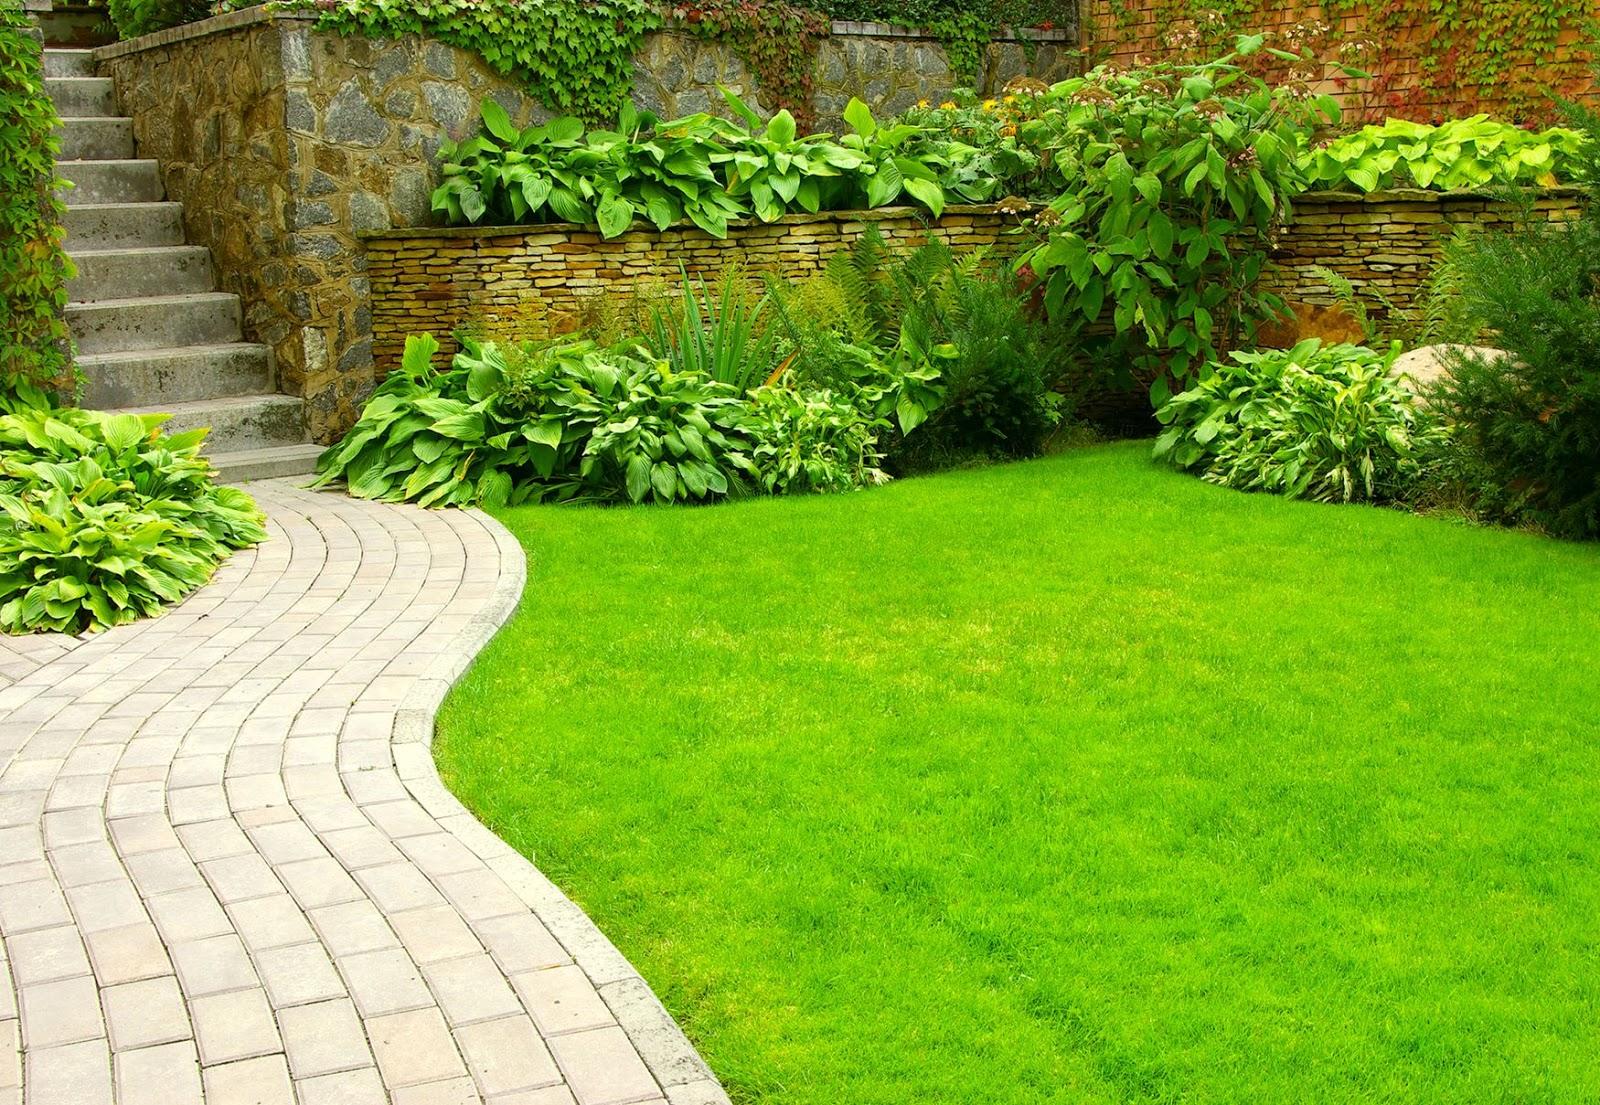 Banco de im genes 9 fotos de jardines dise o exterior for Figuras para jardin